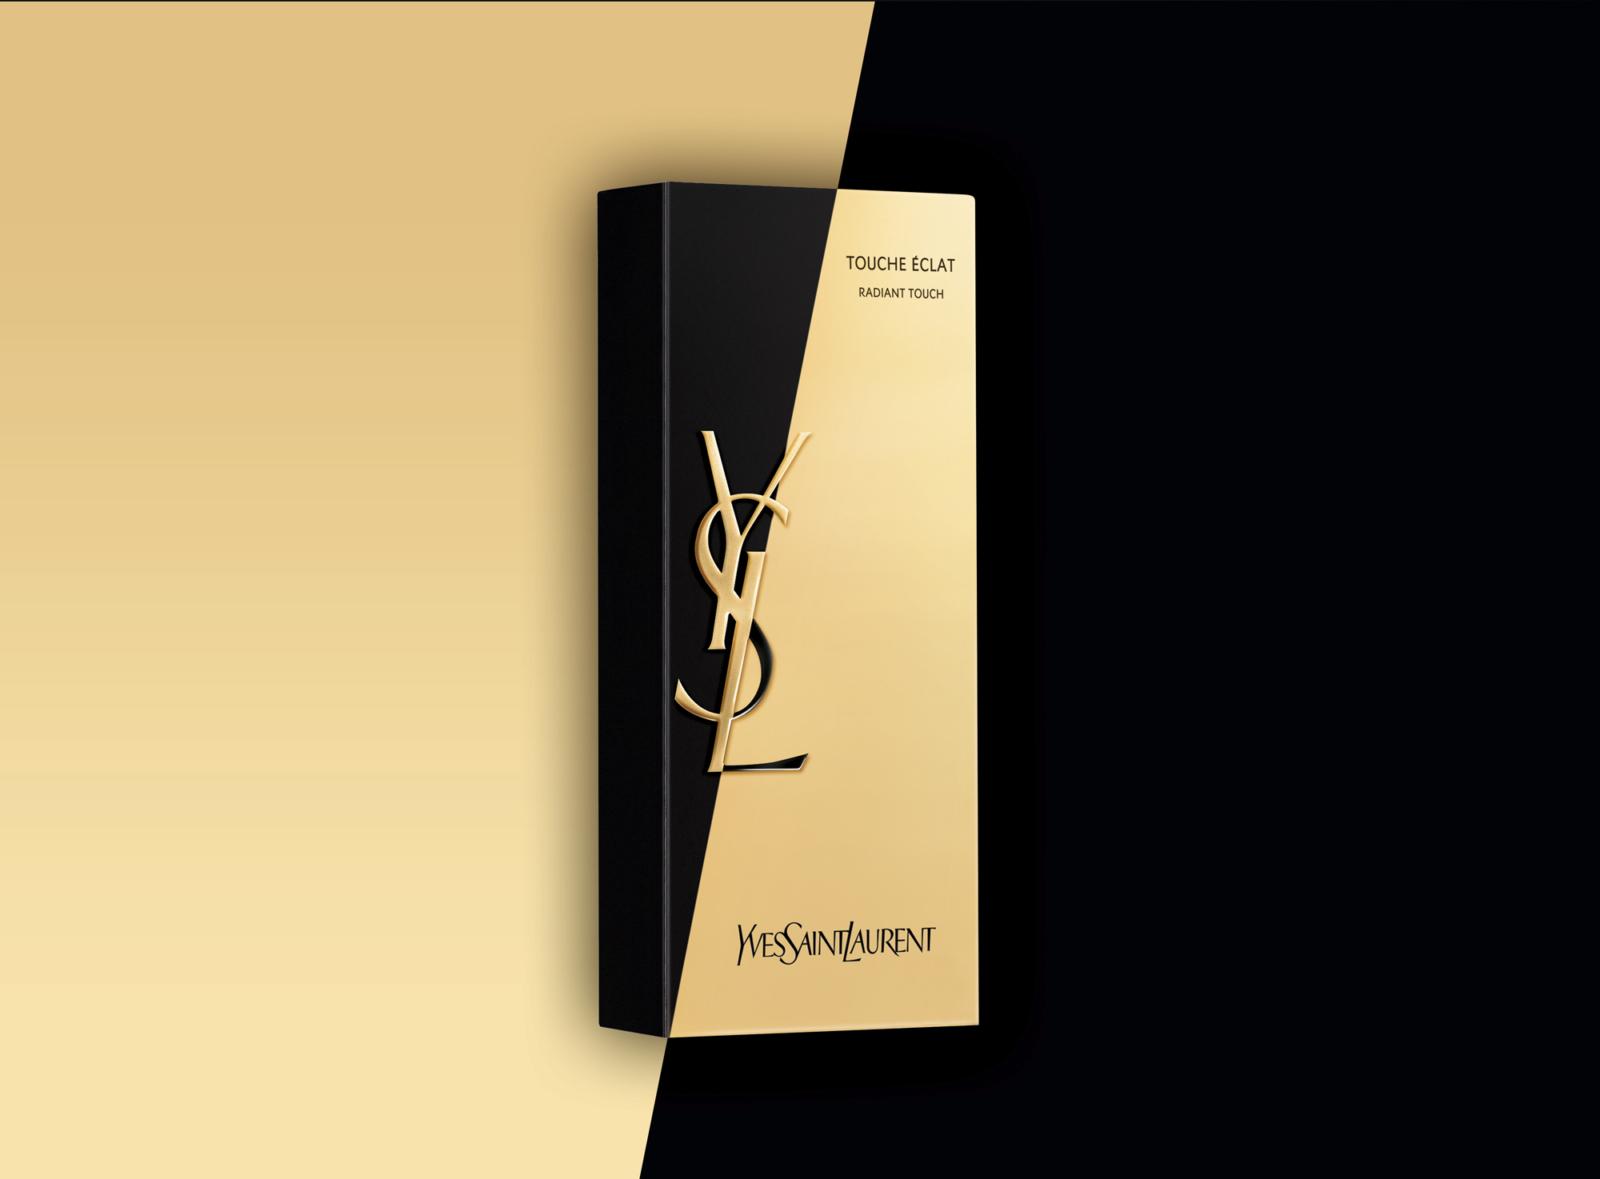 YSL FDM 2018 - Un design pensé par l'agence de design de Paris Partisan du Sens.